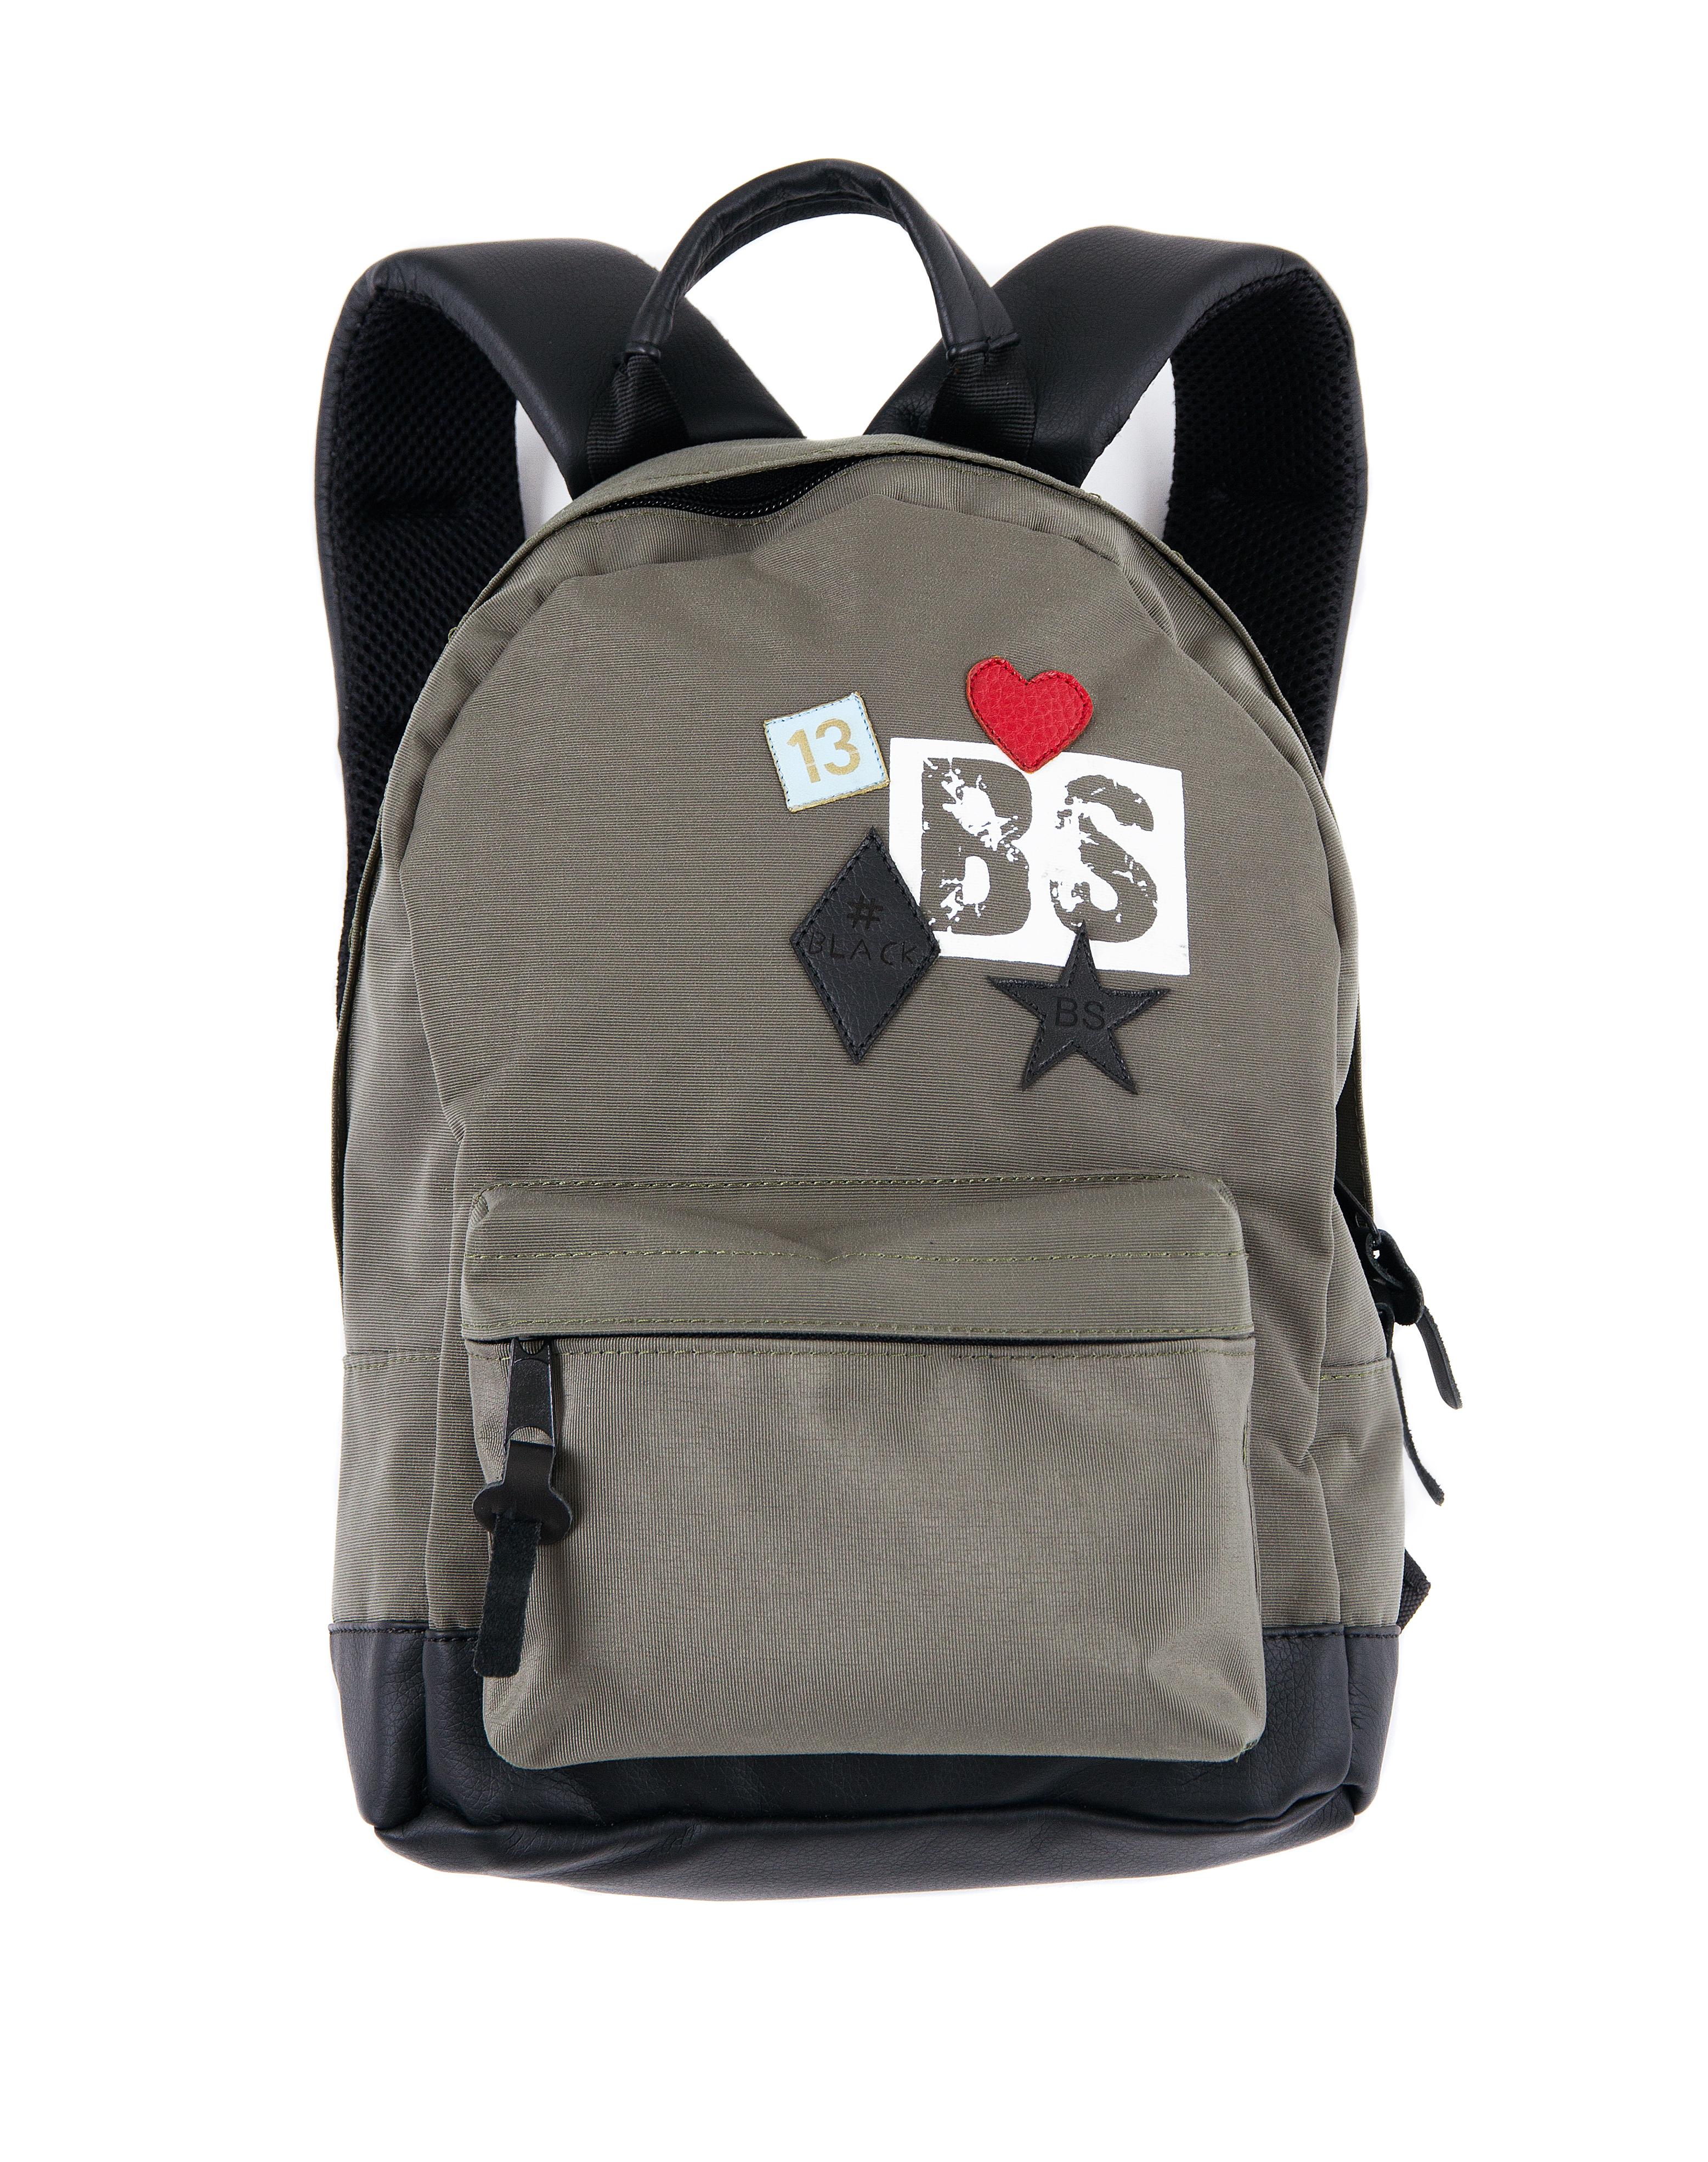 Рюкзак унисекс Patch от Black Star